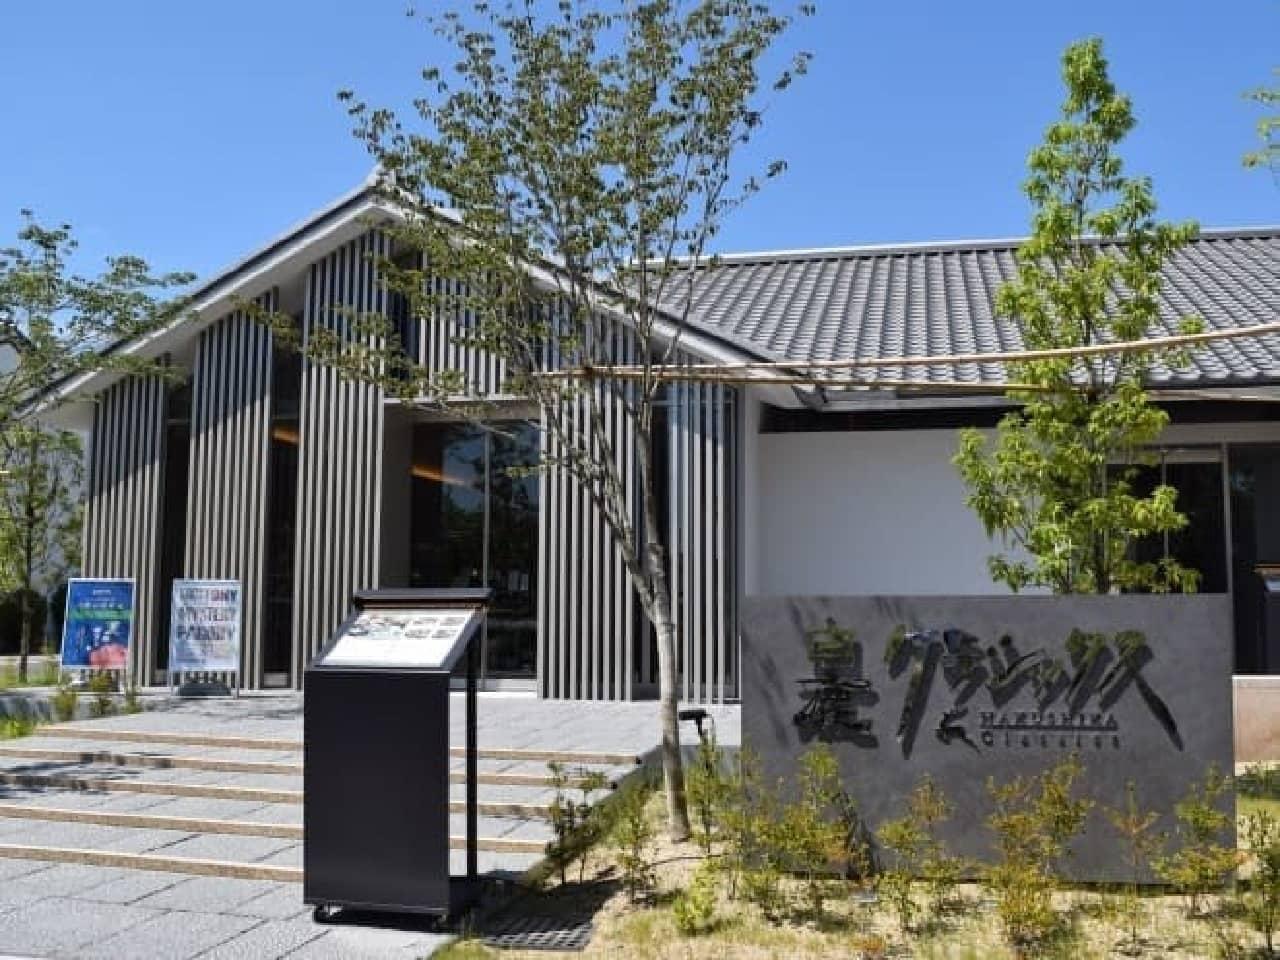 浴衣で楽しむ酒蔵開放~花と日本酒~ 酒蔵夏祭り2016会場、辰馬本家酒造の白鹿クラシックス会場